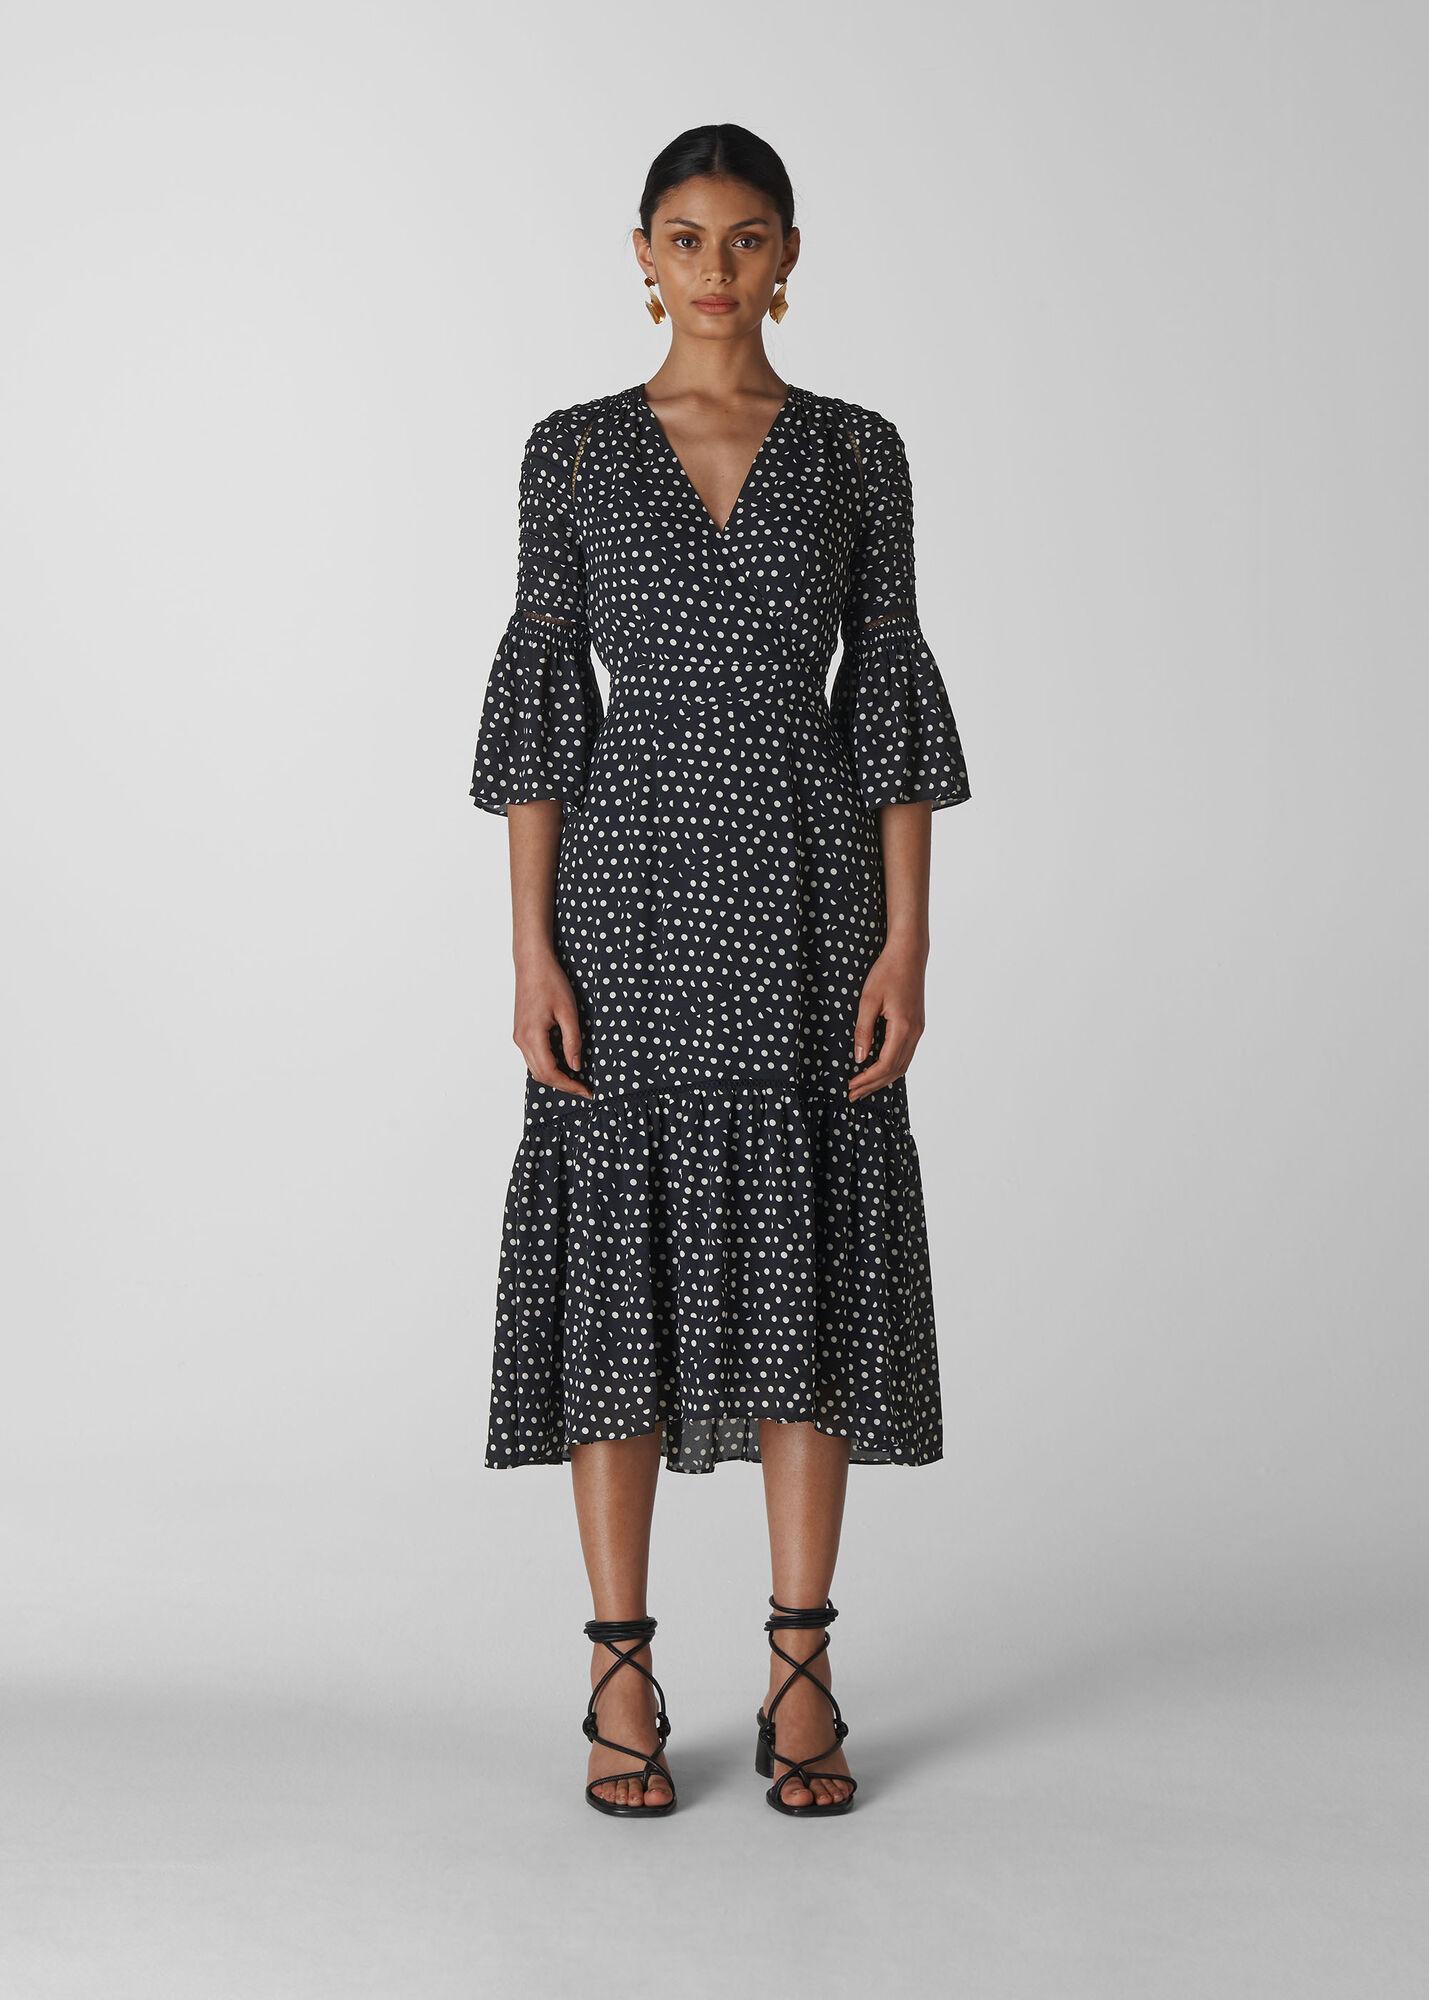 Advika Spot Midi Dress